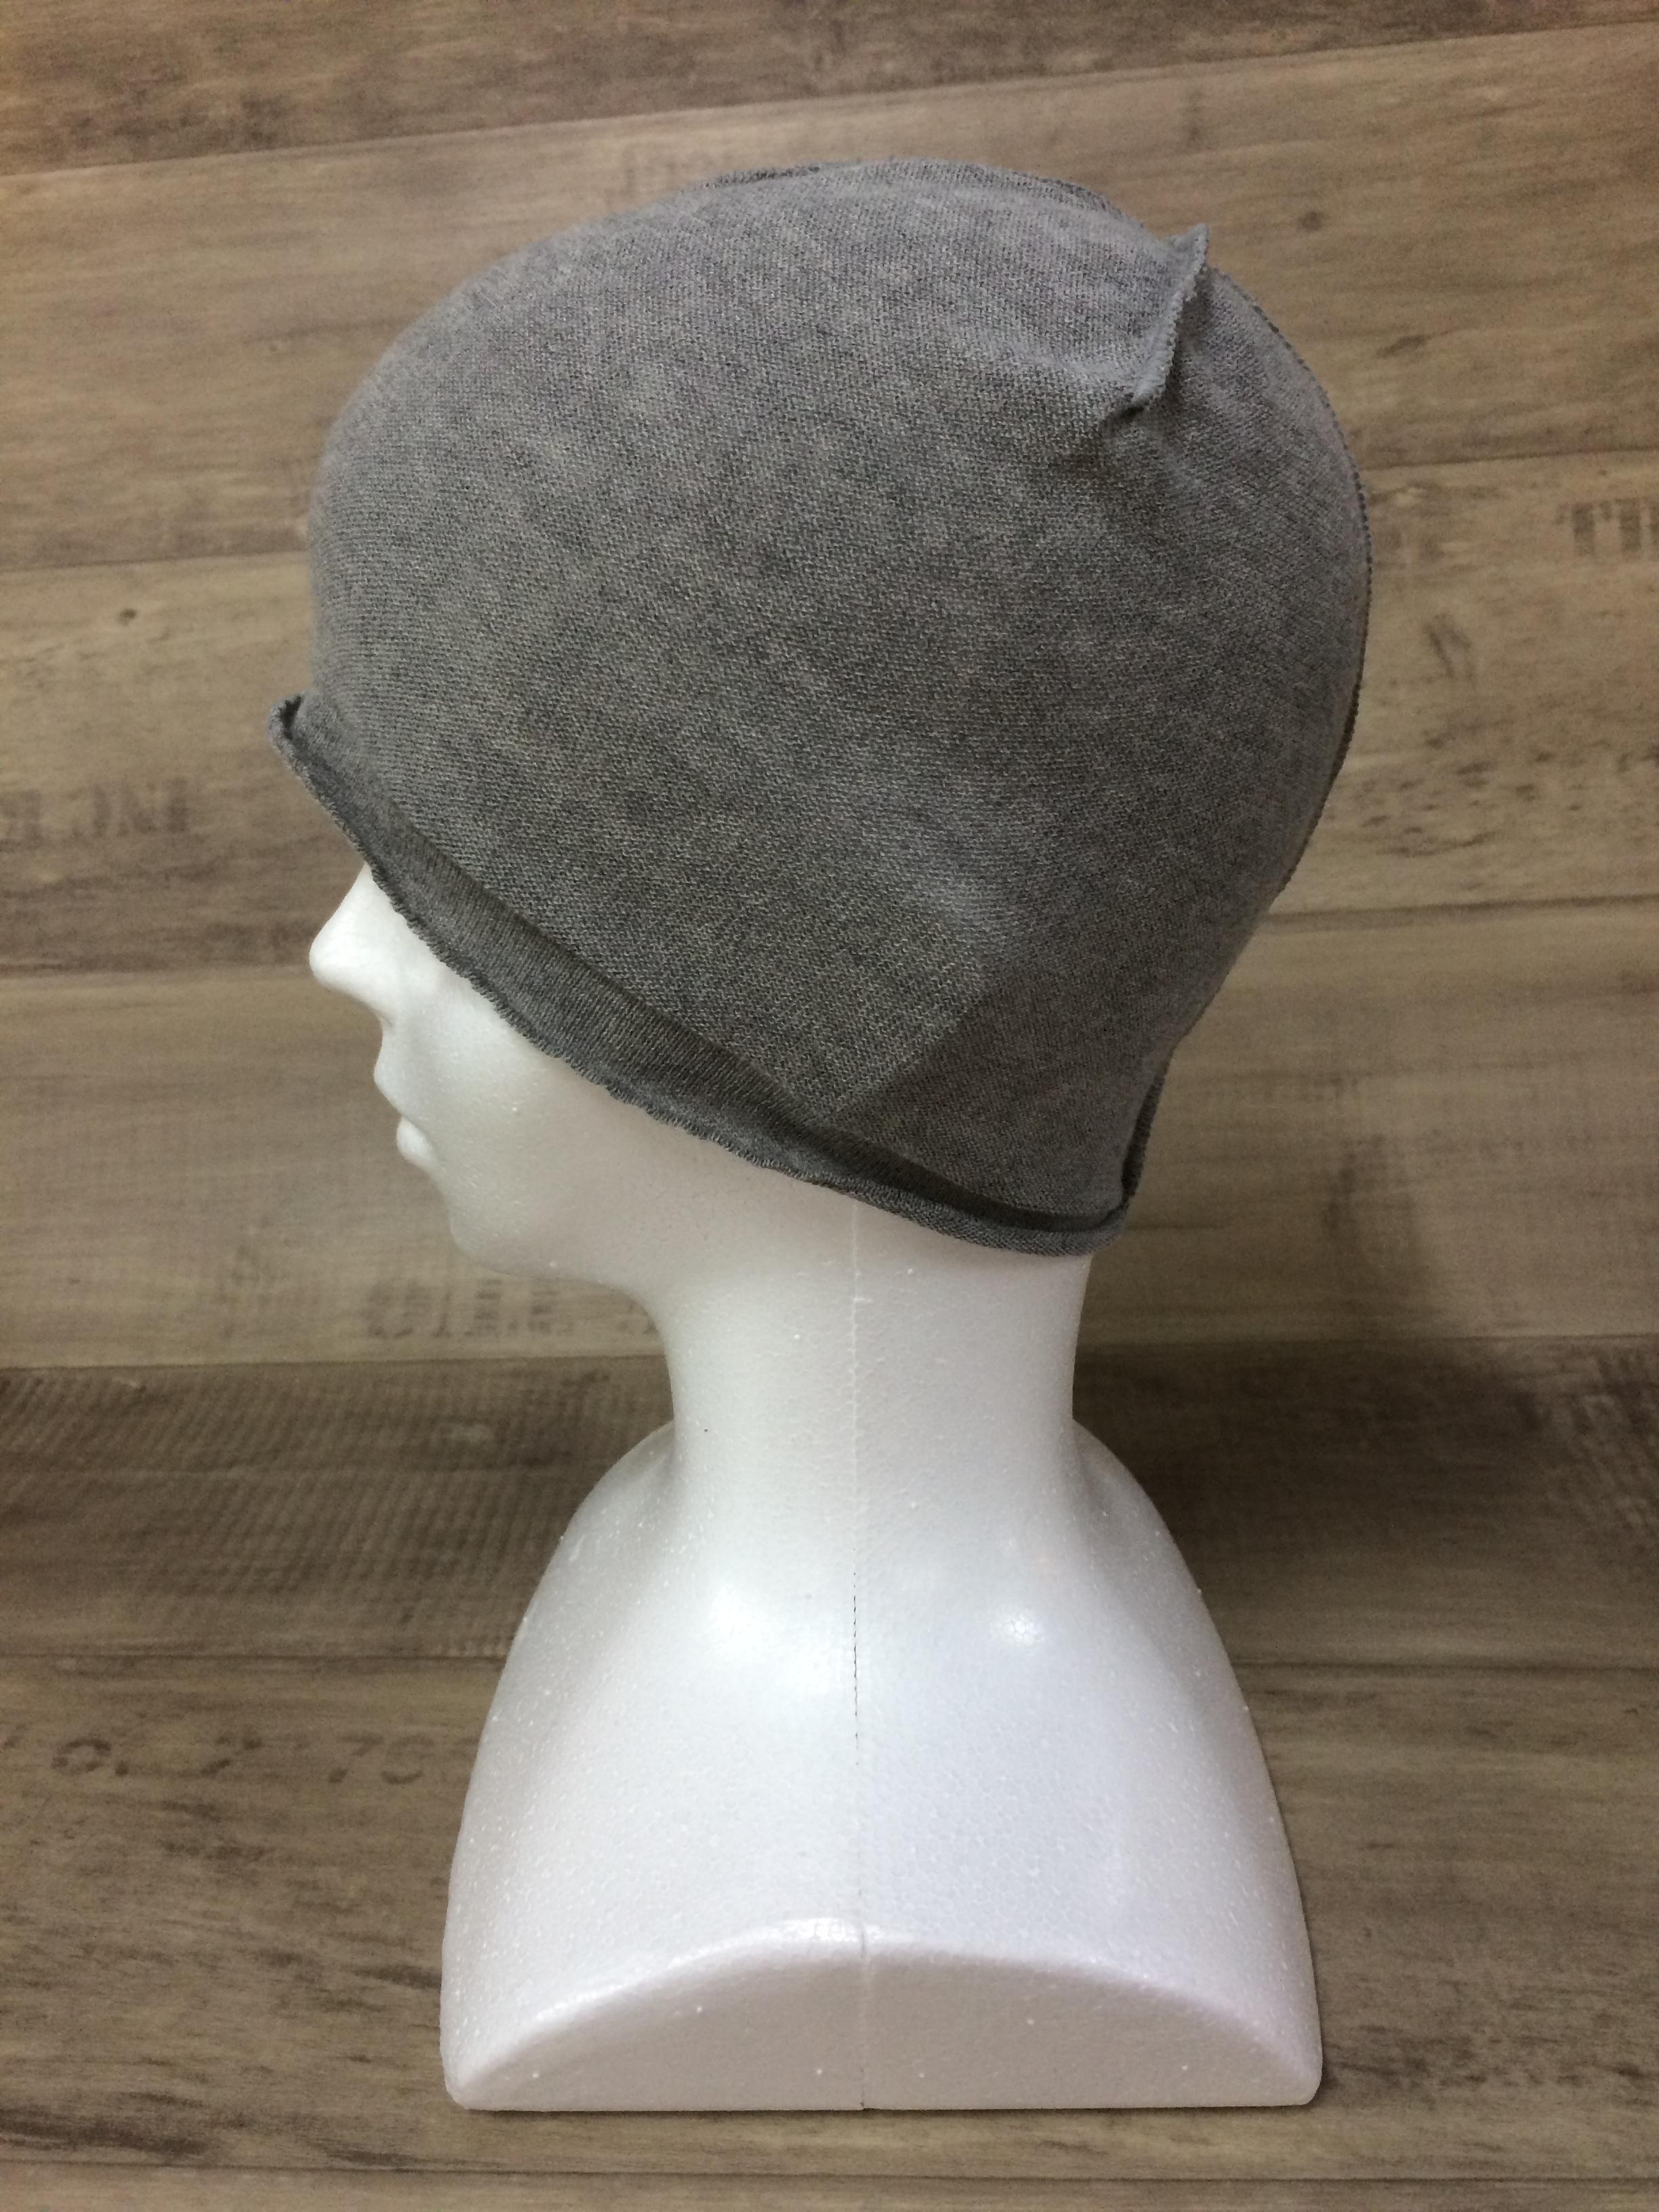 【送料無料】こころが軽くなるニット帽子amuamu|新潟の老舗ニットメーカーが考案した抗がん治療中の脱毛ストレスを軽減する機能性と豊富なデザイン NB-6057|黒ゴマ <オーガニックコットン インナー>